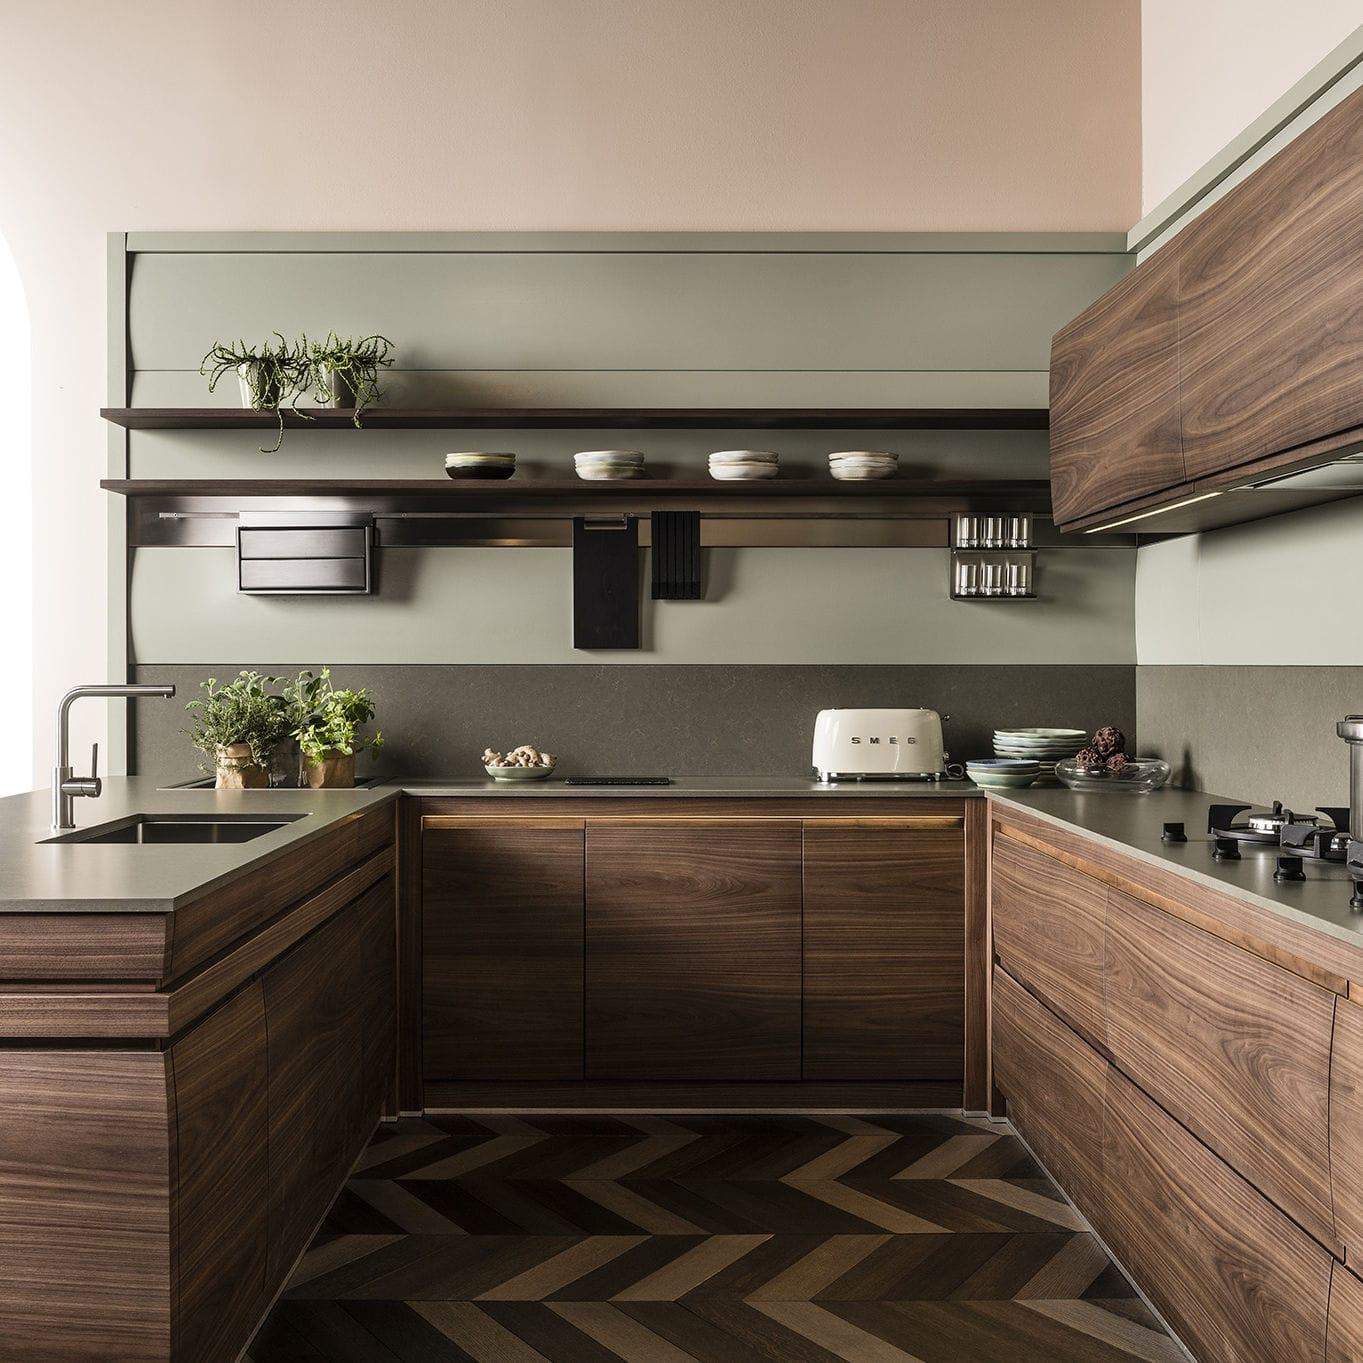 Cucina Noce Moderna.Cucina Moderna In Legno Massiccio In Legno Laccato In